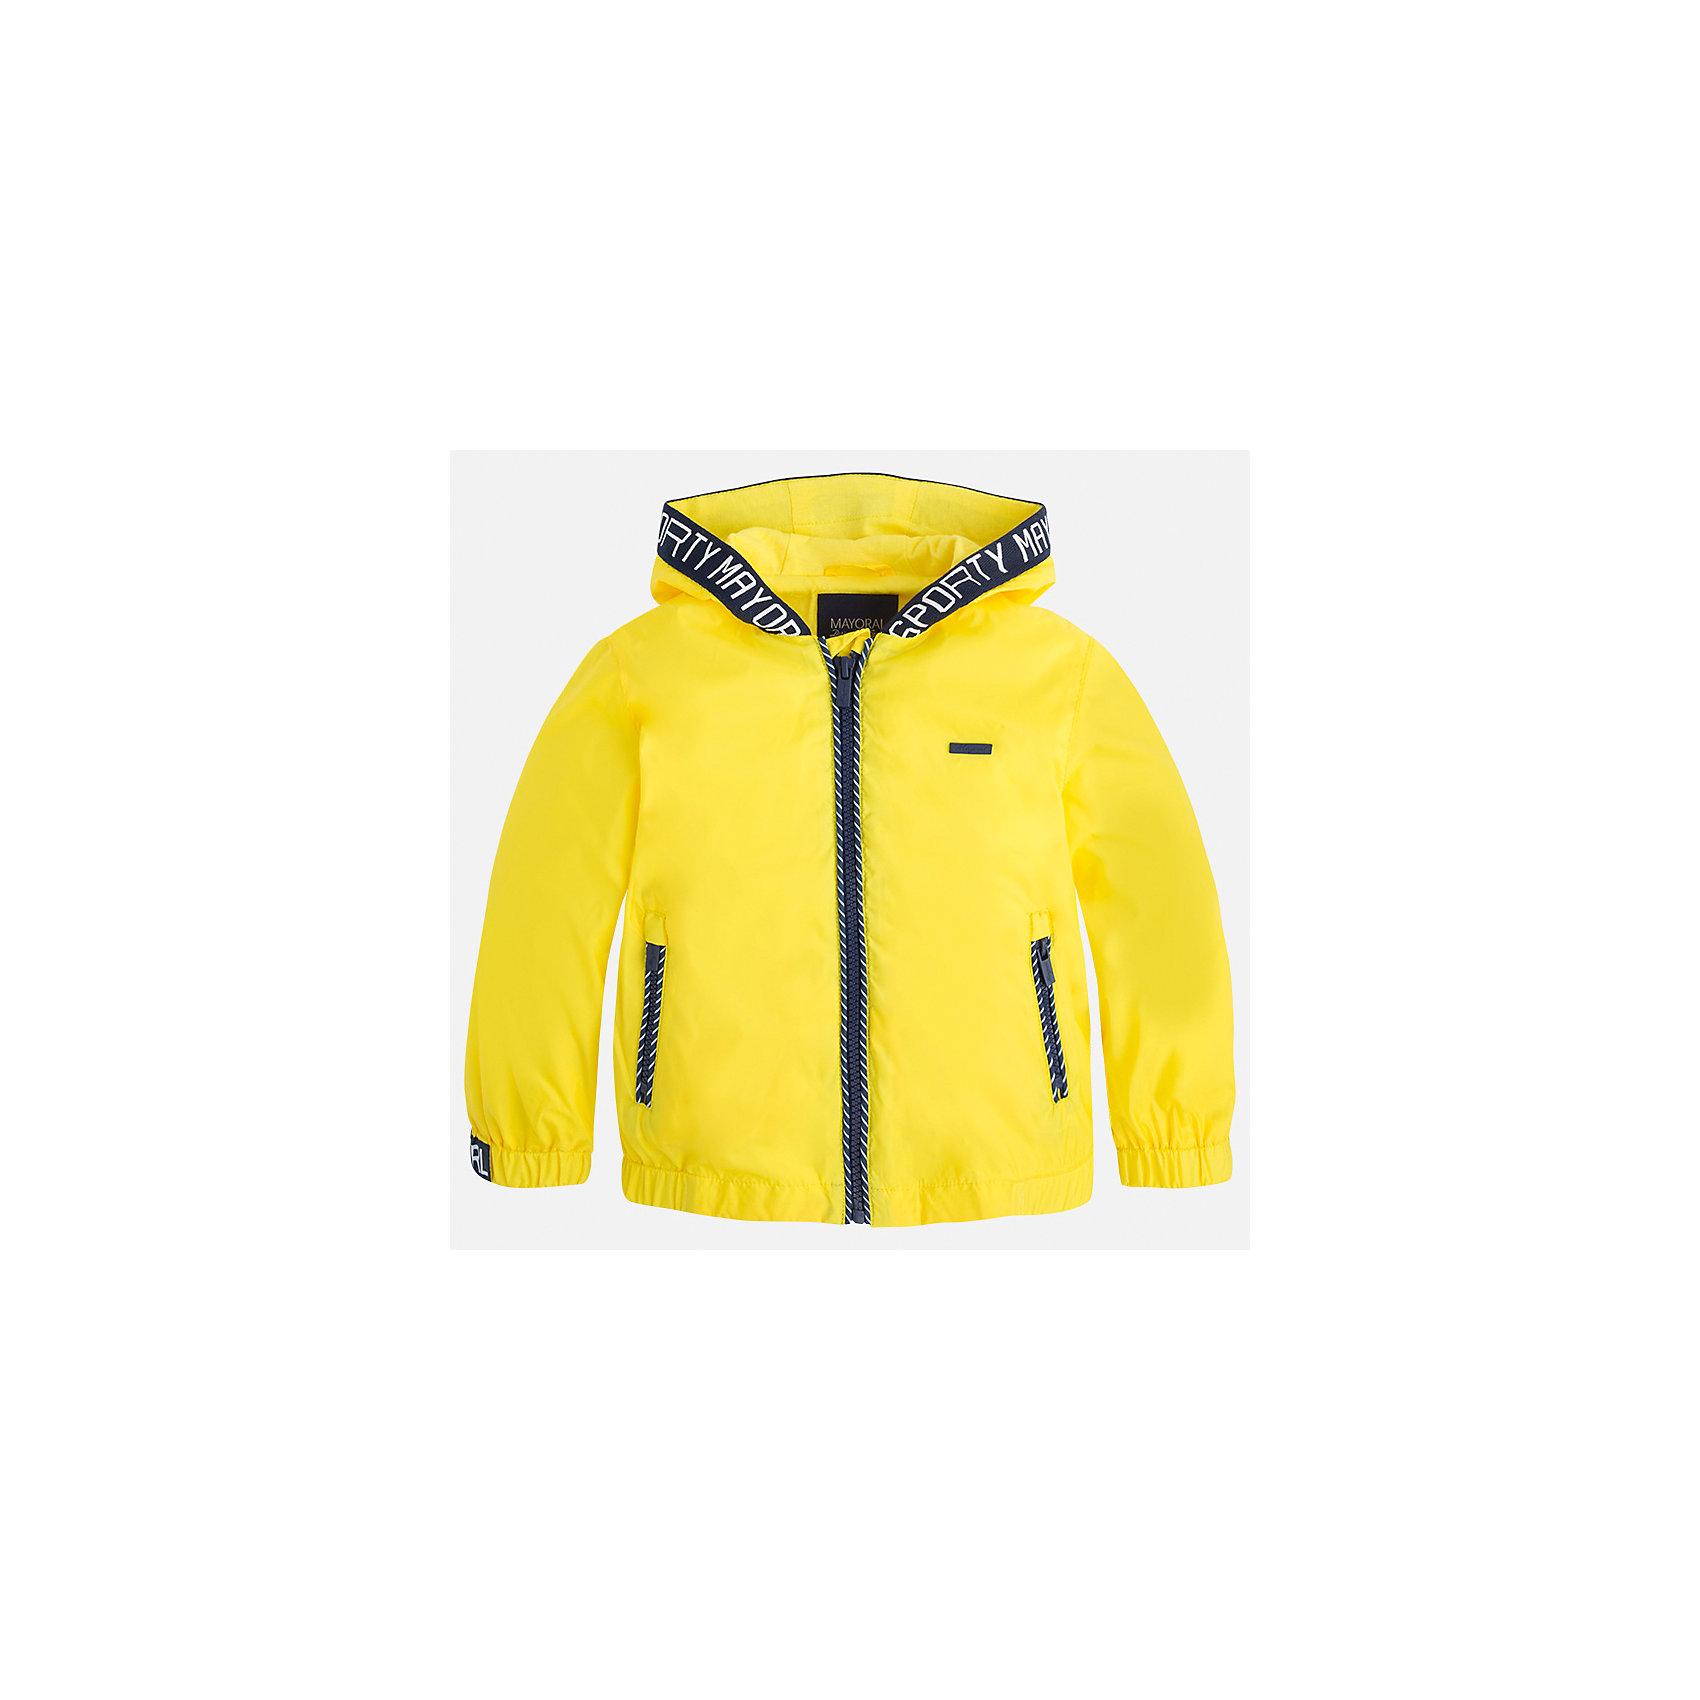 Ветровка для мальчика MayoralВетровки и жакеты<br>Характеристики товара:<br><br>• цвет: желтый<br>• состав: 100% полиэстер, подкладка - 100% хлопок<br>• температурный режим: от +20° до +10°С<br>• рукава длинные <br>• карманы<br>• молния <br>• капюшон<br>• страна бренда: Испания<br><br>Теплая одежда может быть очень стильной! Удобная и красивая ветровка для мальчика поможет разнообразить гардероб ребенка и обеспечить комфорт. Она отлично сочетается и с джинсами, и с брюками. Универсальный цвет позволяет подобрать к вещи низ различных расцветок. Интересная отделка модели делает её нарядной и оригинальной. В составе материала - натуральный хлопок, гипоаллергенный, приятный на ощупь, дышащий.<br><br>Одежда, обувь и аксессуары от испанского бренда Mayoral полюбились детям и взрослым по всему миру. Модели этой марки - стильные и удобные. Для их производства используются только безопасные, качественные материалы и фурнитура. Порадуйте ребенка модными и красивыми вещами от Mayoral! <br><br>Ветровку для мальчика от испанского бренда Mayoral (Майорал) можно купить в нашем интернет-магазине.<br><br>Ширина мм: 356<br>Глубина мм: 10<br>Высота мм: 245<br>Вес г: 519<br>Цвет: желтый<br>Возраст от месяцев: 84<br>Возраст до месяцев: 96<br>Пол: Мужской<br>Возраст: Детский<br>Размер: 128,92,122,98,134,116,110,104<br>SKU: 5280747